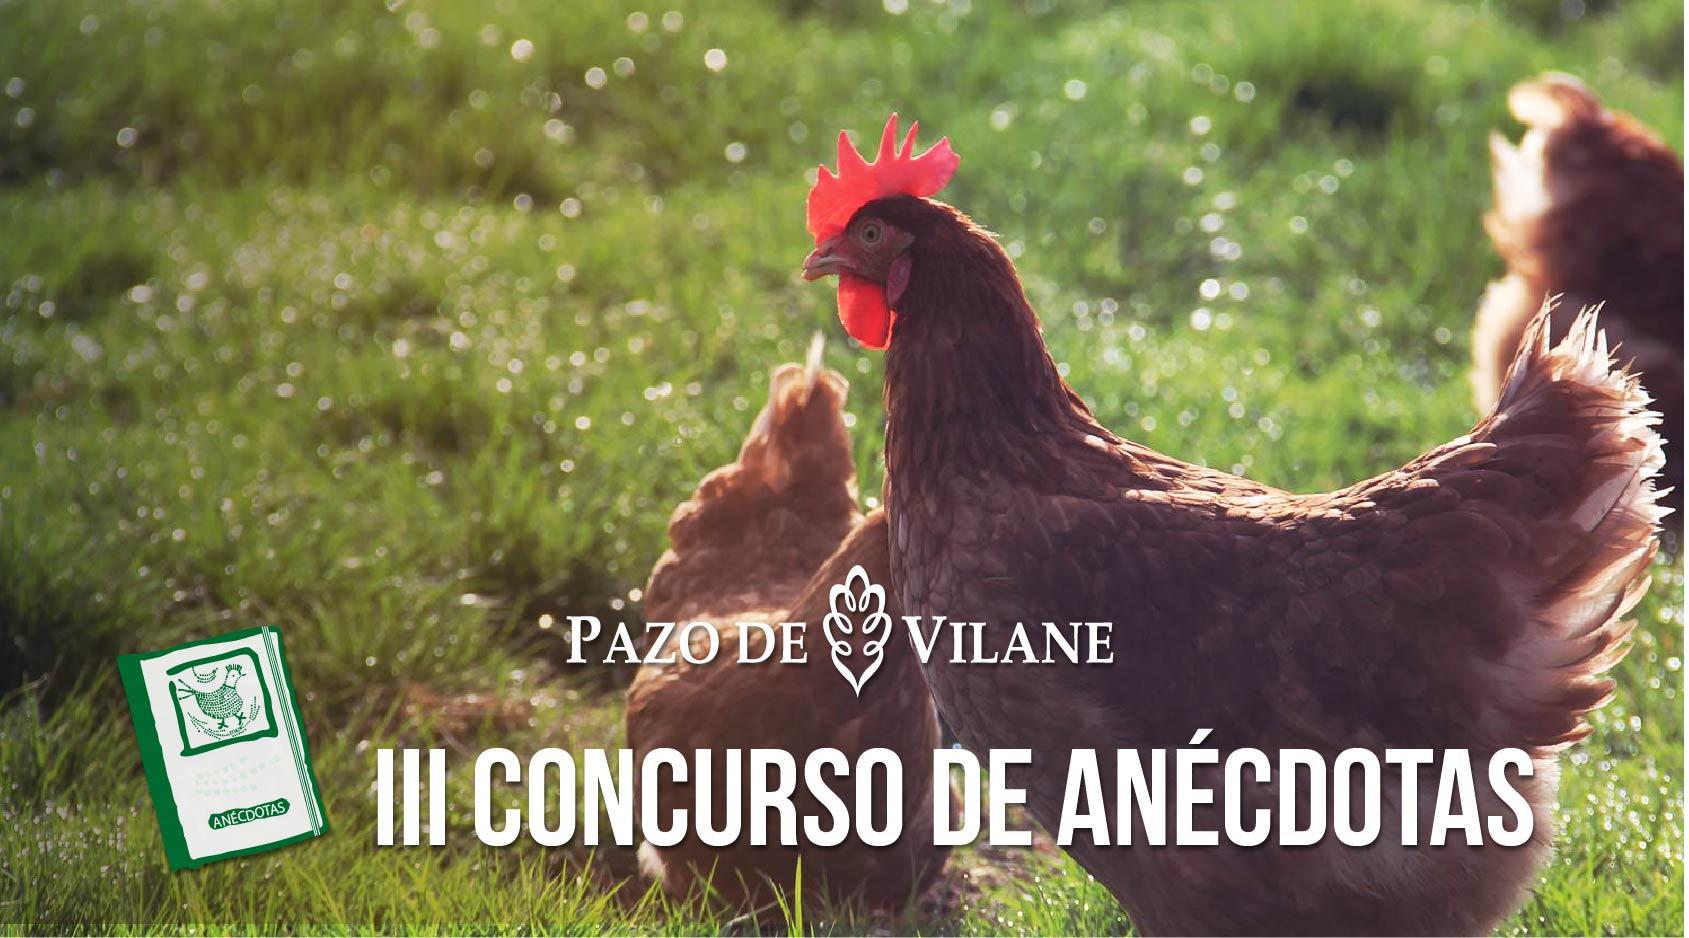 III Concurso anécdotas Pazo de Vilane